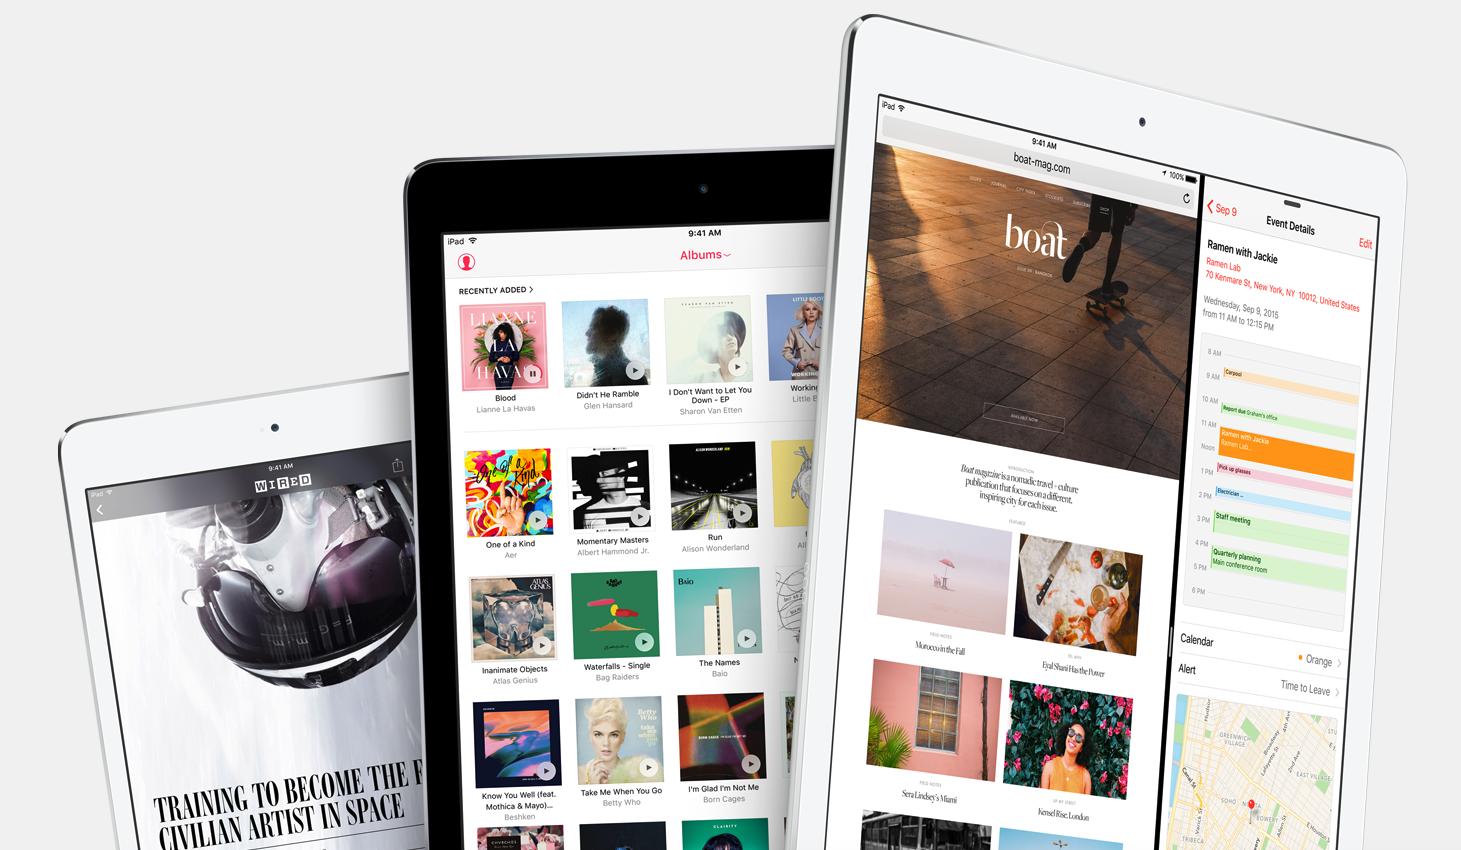 Apple ma już 50% iPhone'ów i iPadów z iOS 9. Google, czy ty w ogóle planujesz kiedyś coś podobnego osiągnąć?